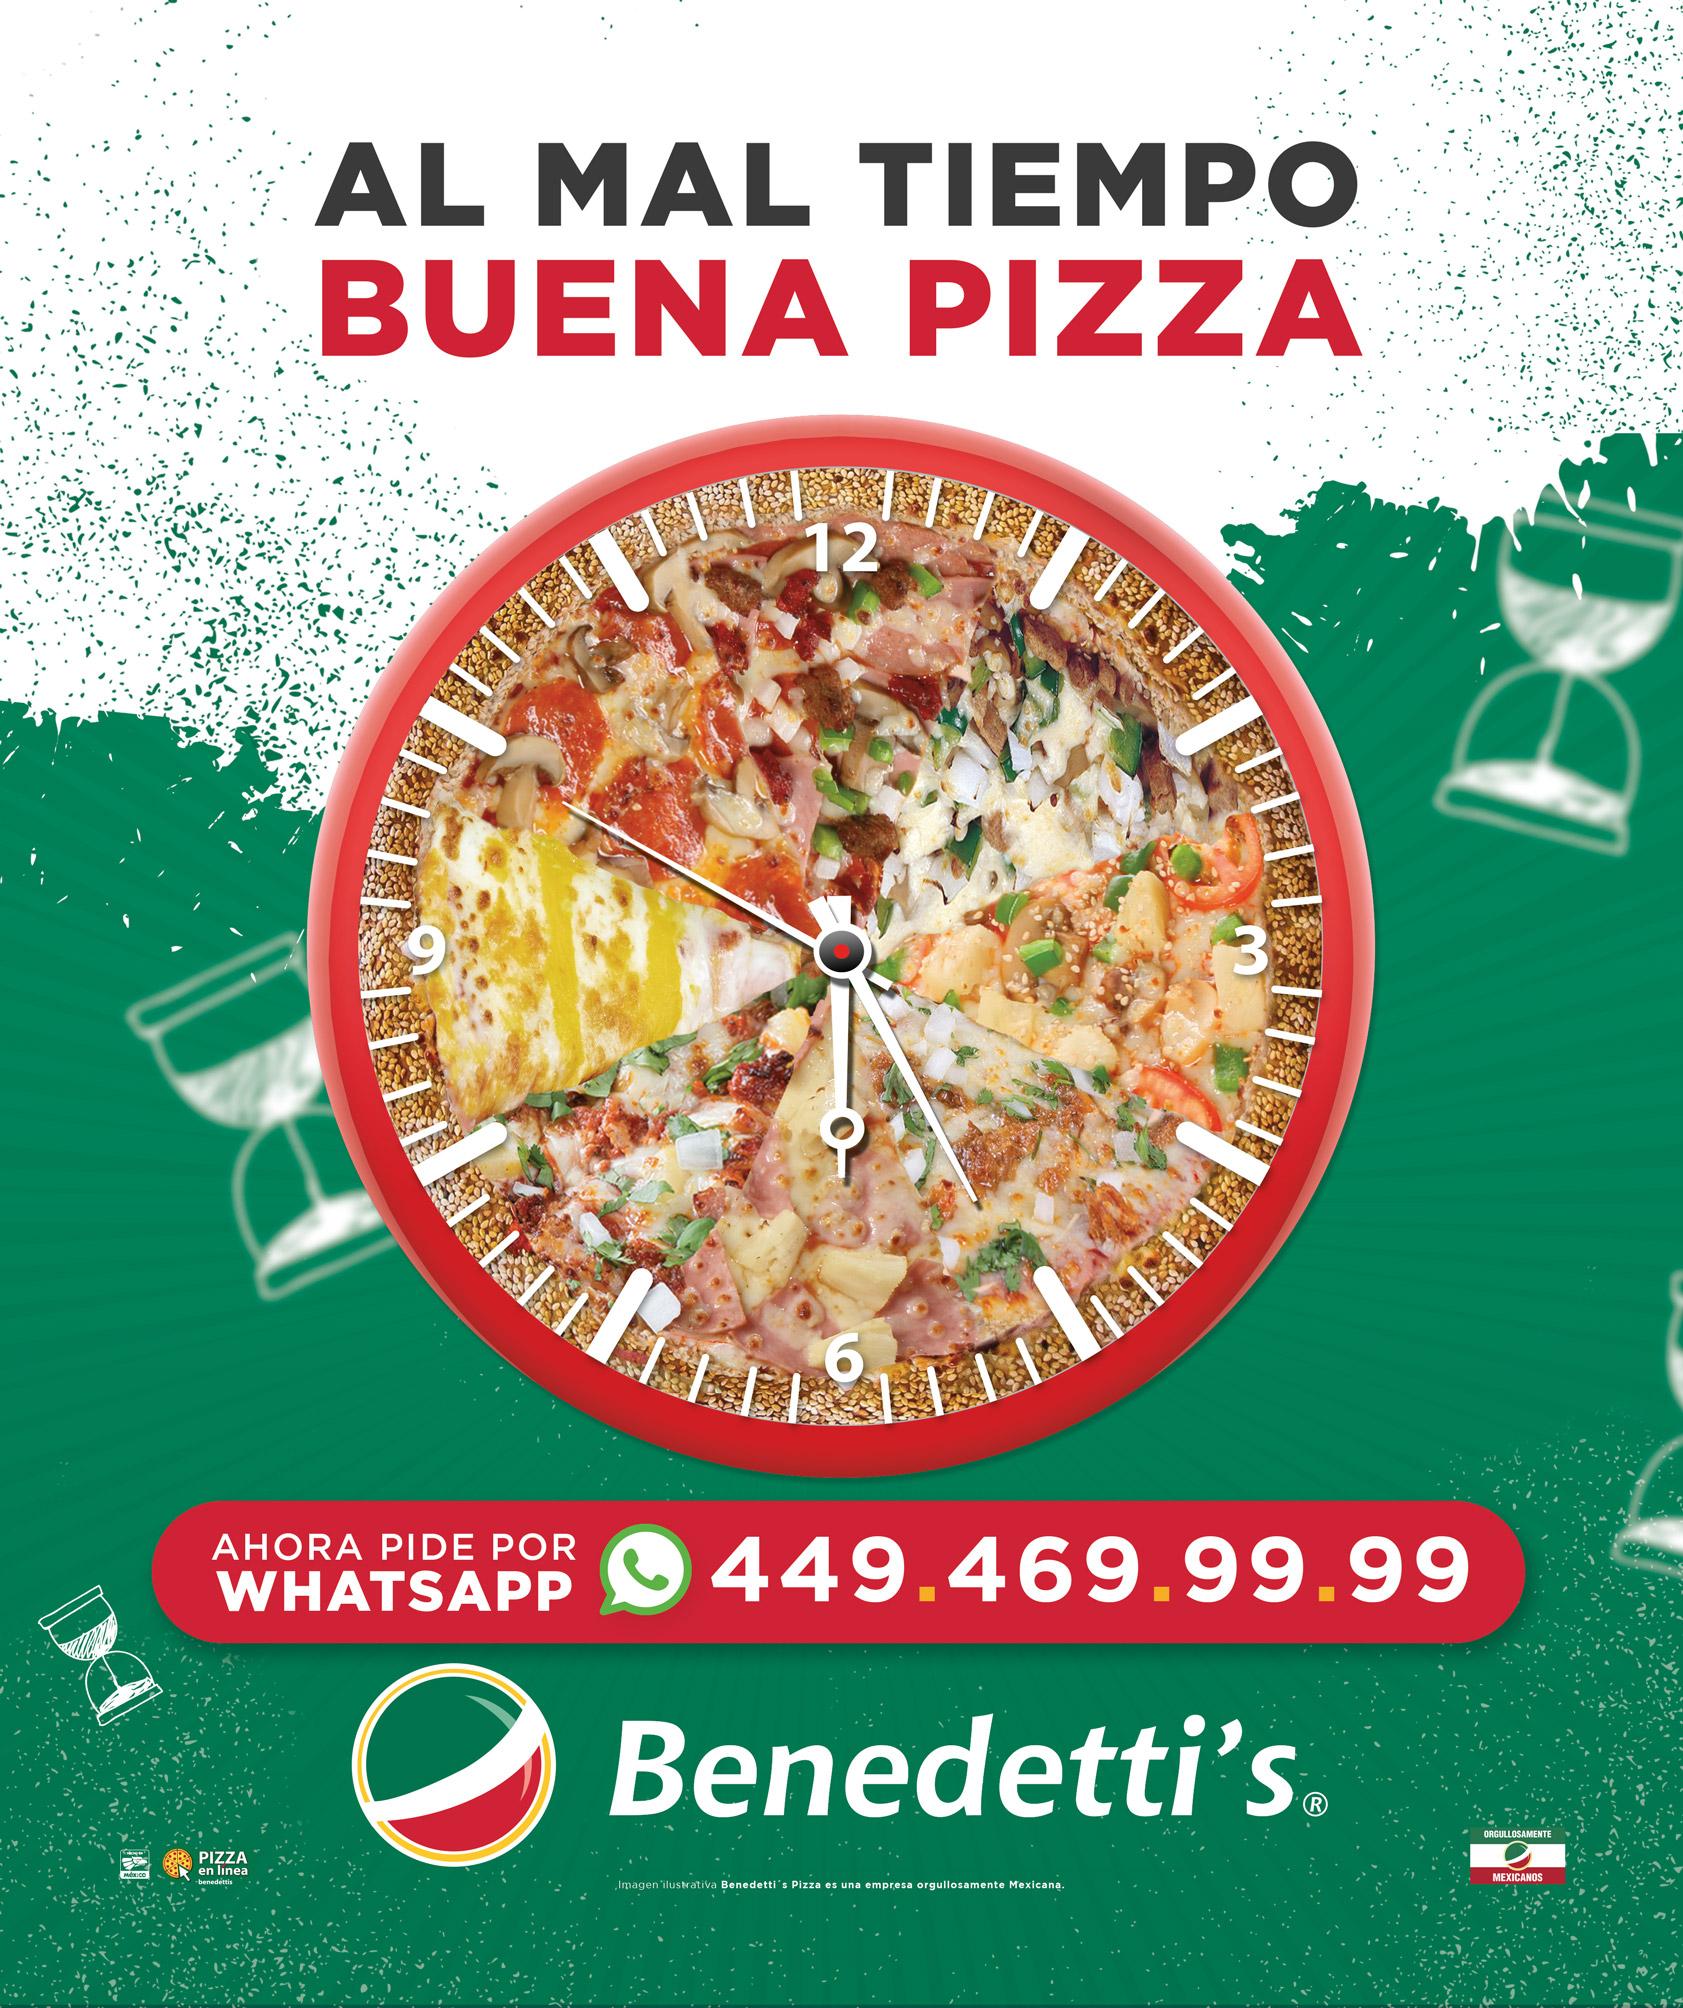 BENEDETTI-AL-MAL-TIEMPO-BUENA-PIZZA